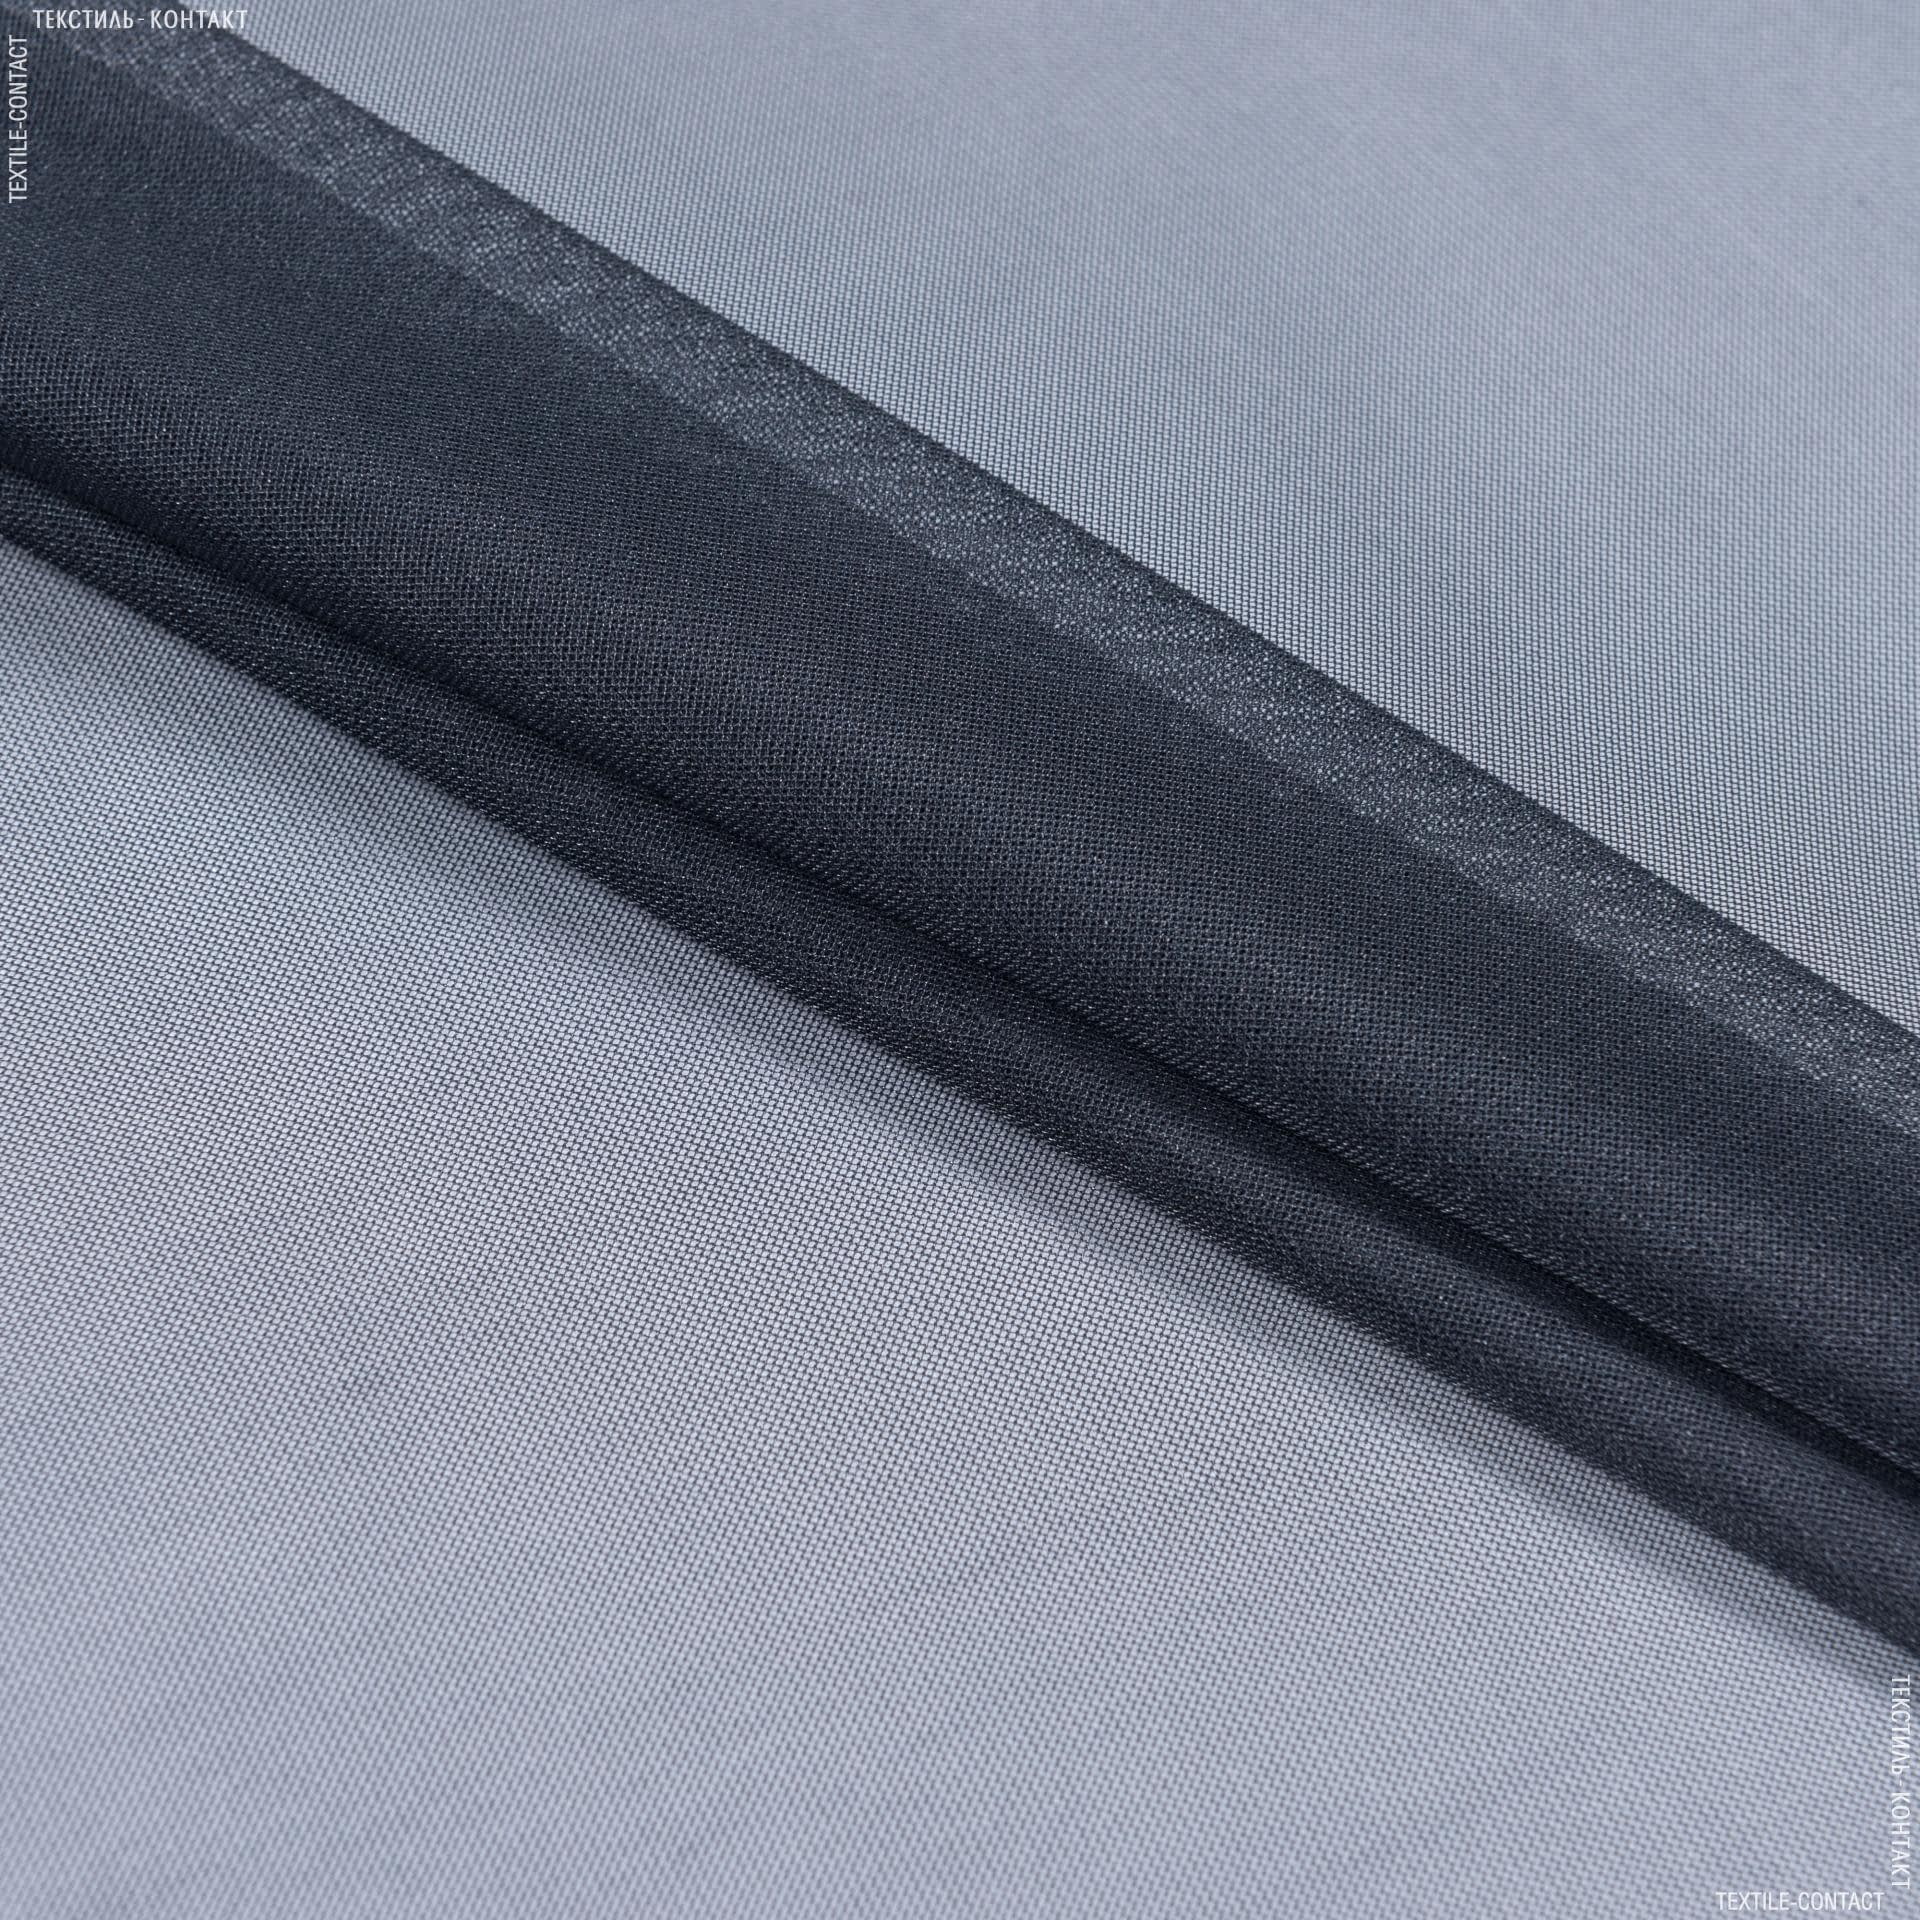 Ткани для платьев - Сетка блеск антрацит